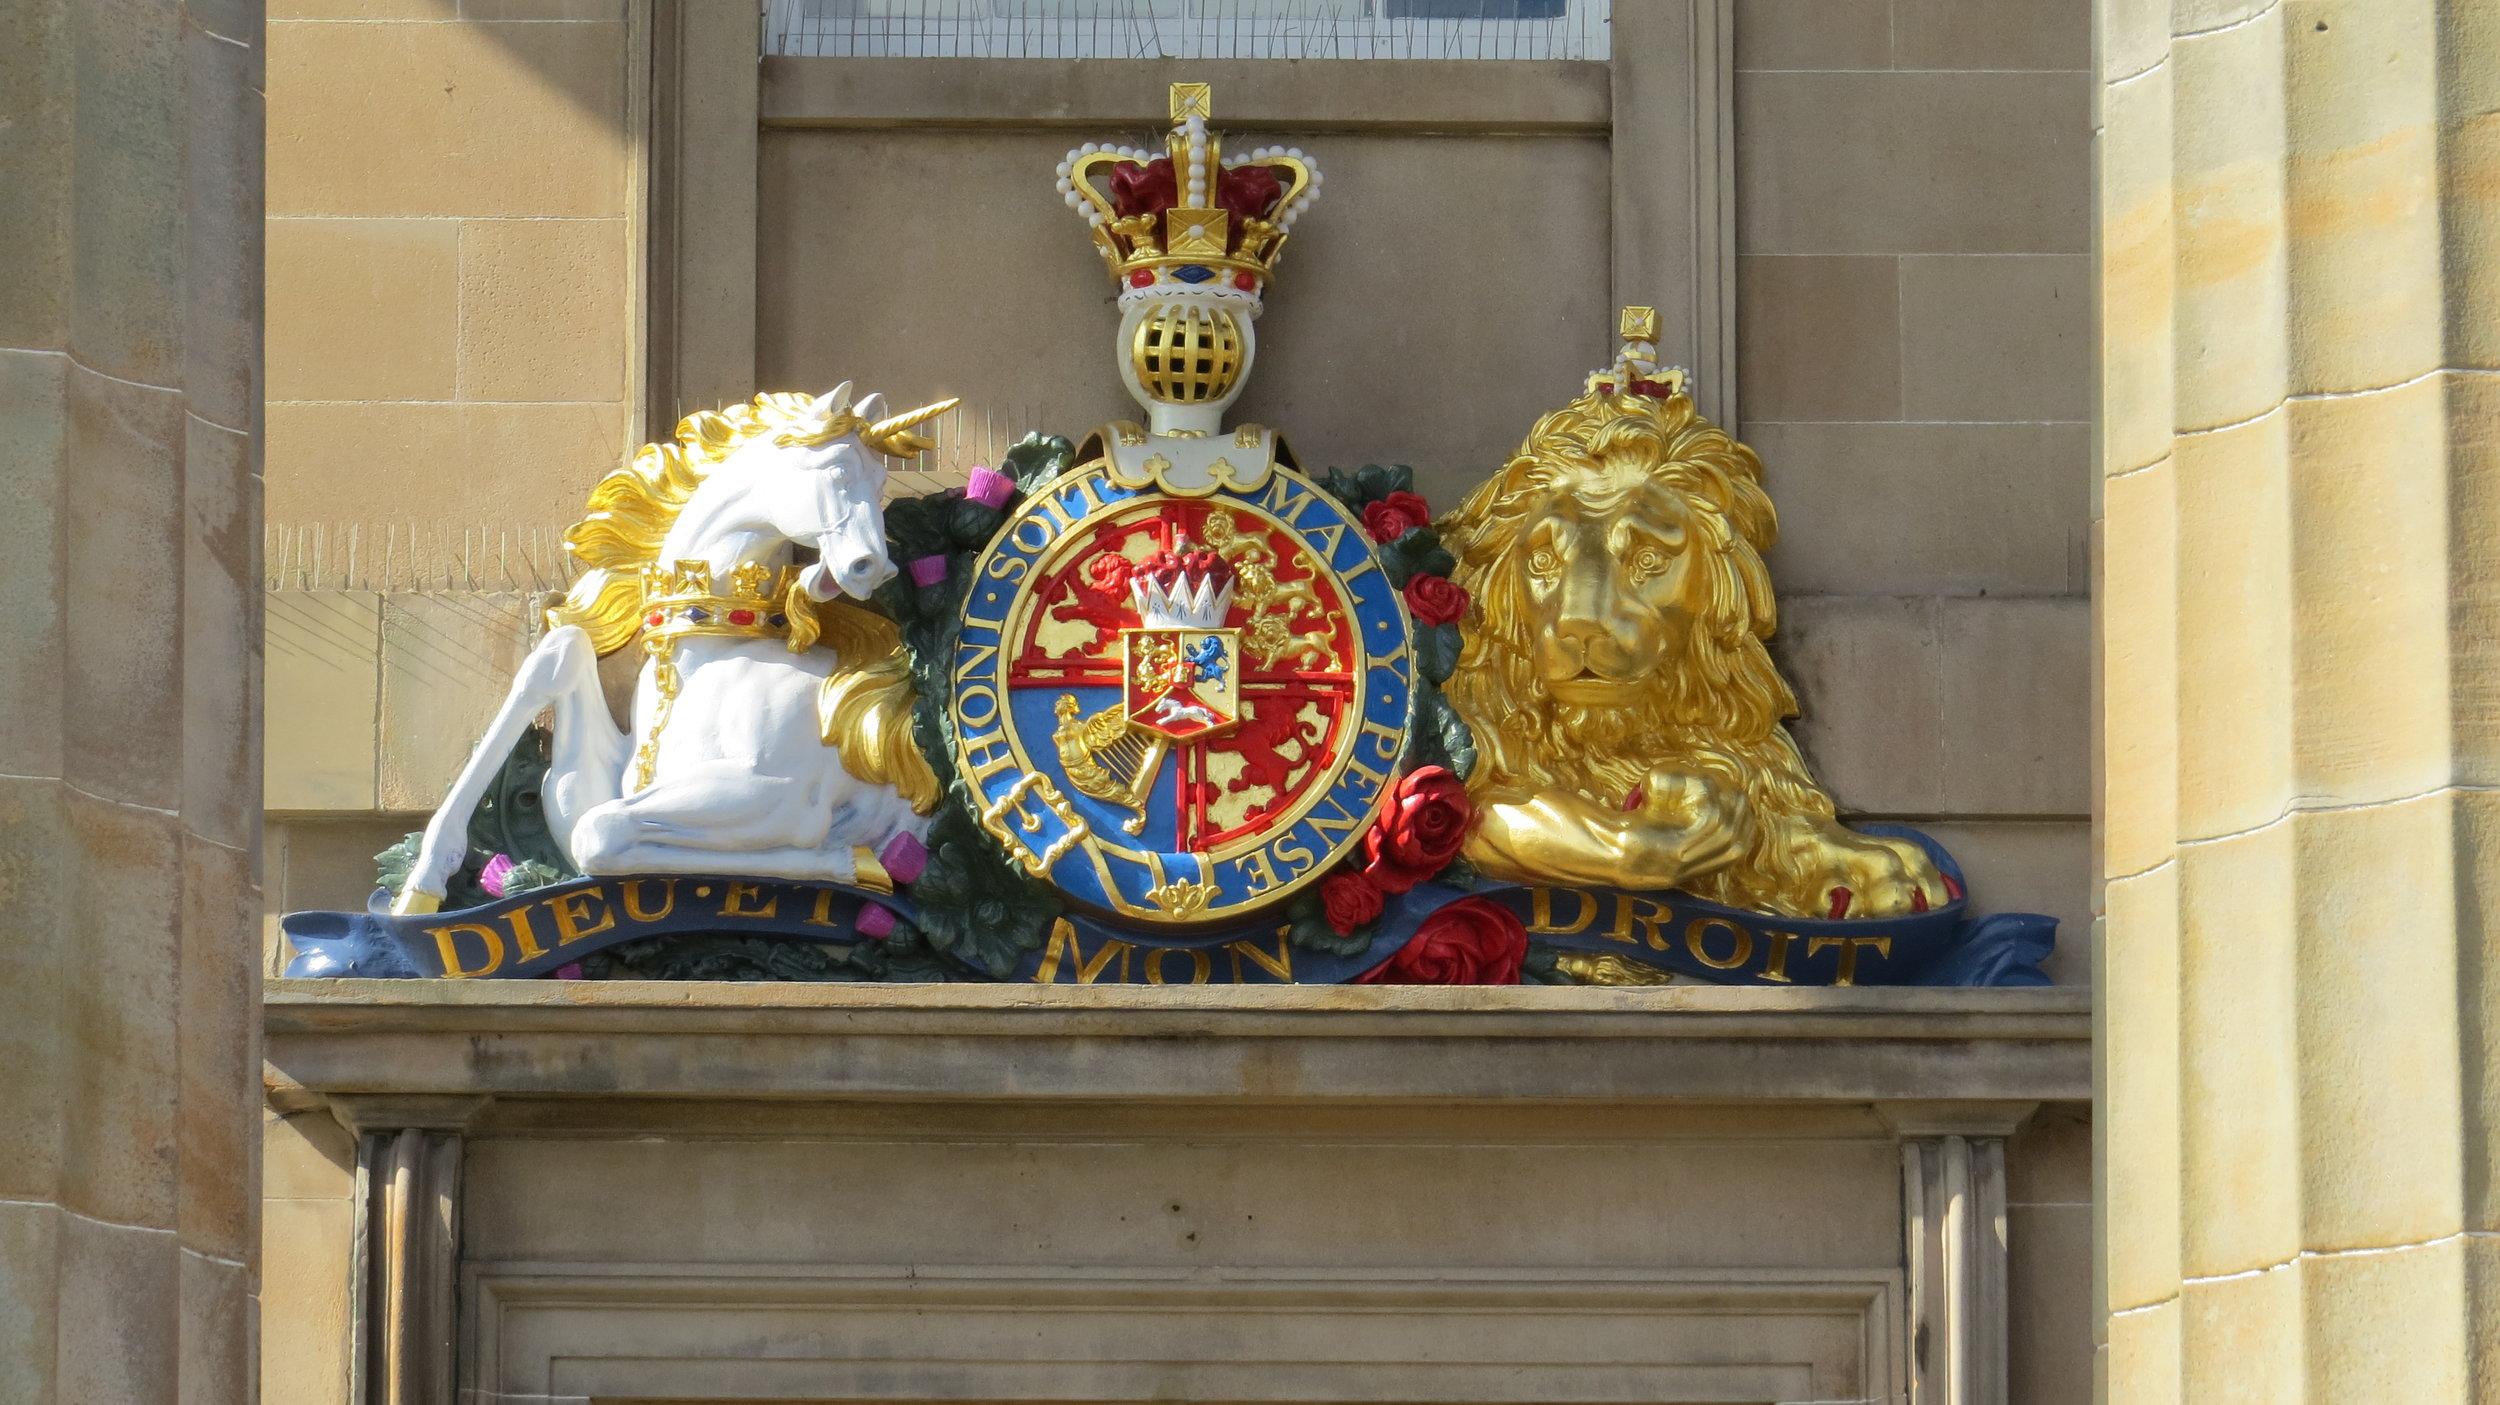 Crest on Public Building